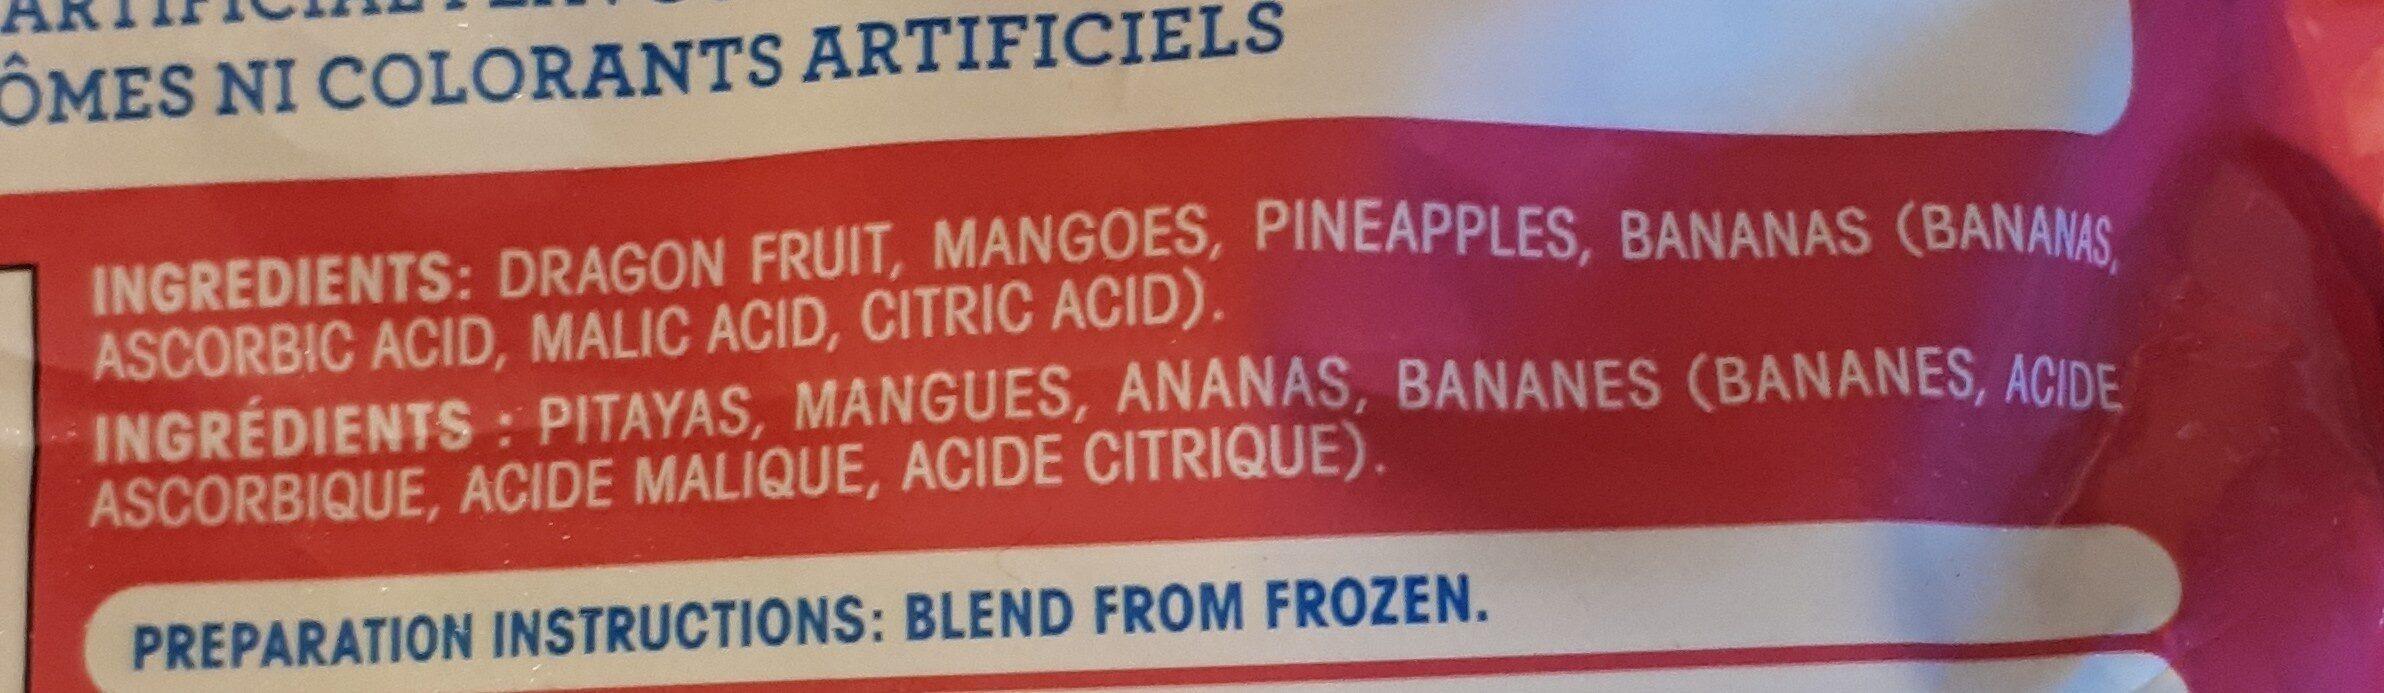 Fruits congelés - Ingrédients - fr